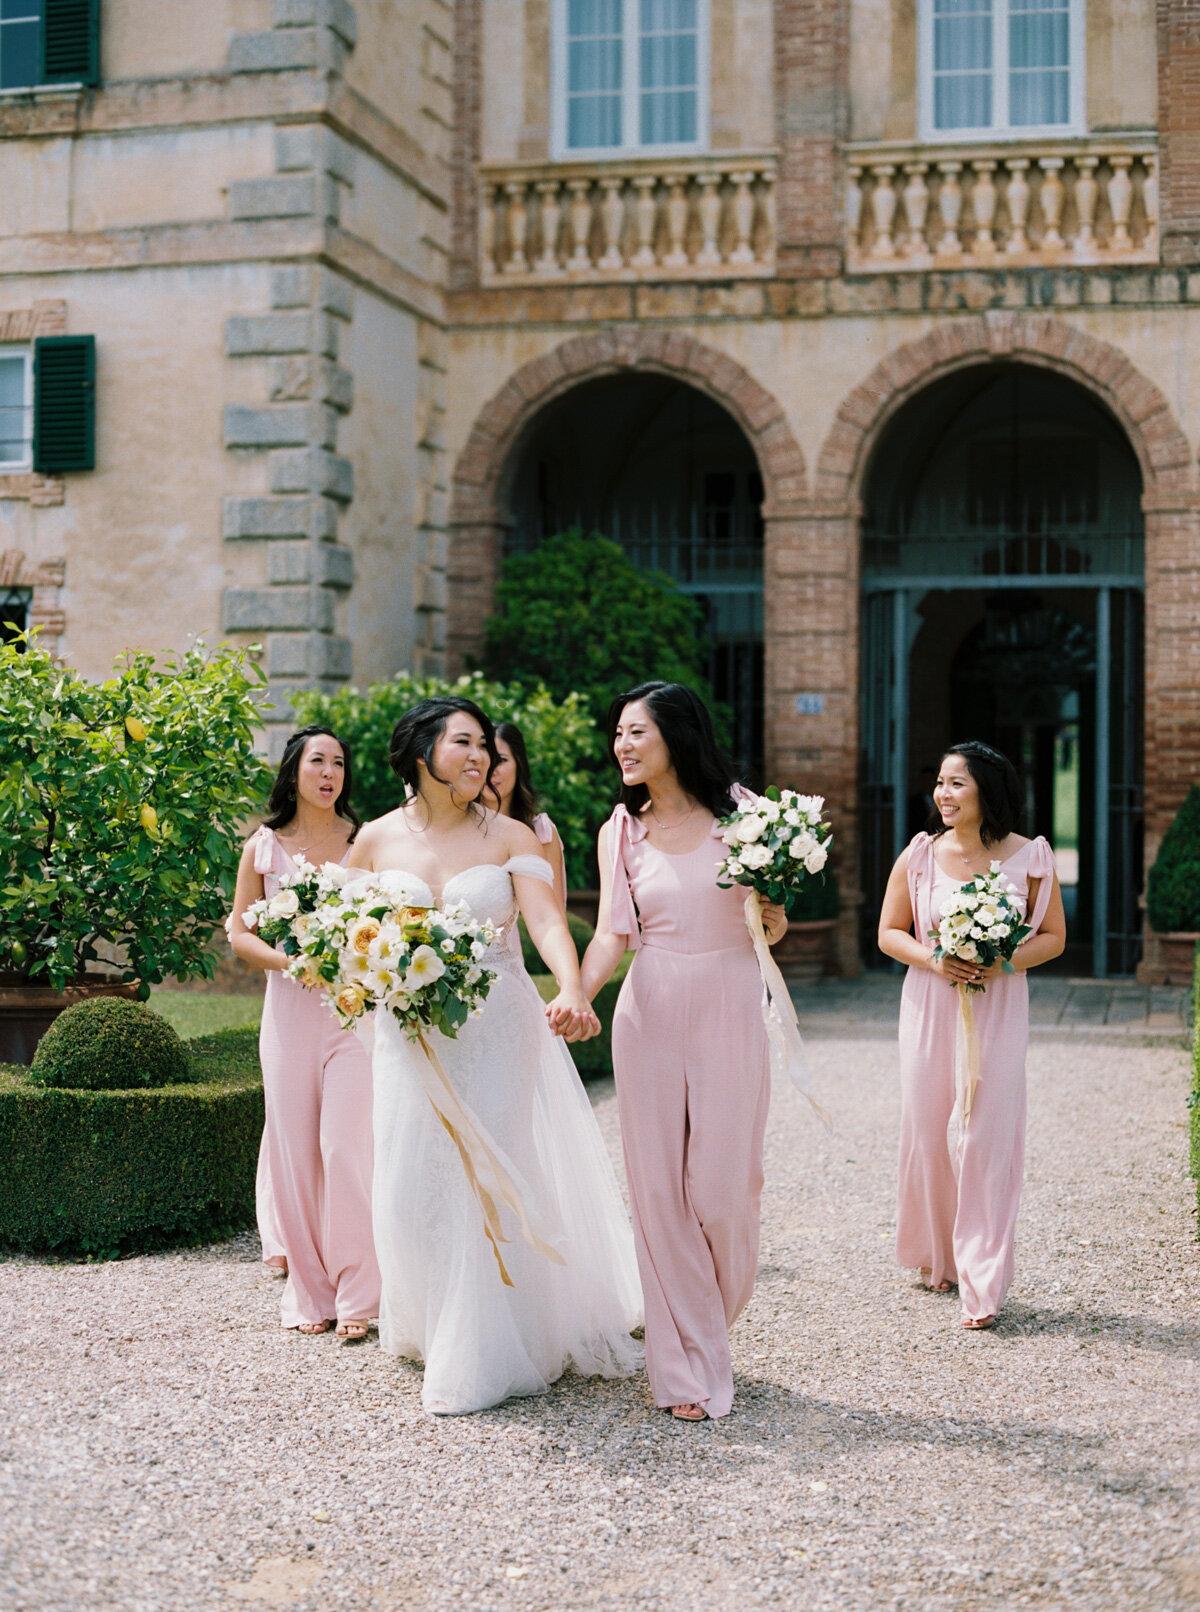 Villa-Cetinale-Tuscany-Katie-Grant-destination-wedding (45 of 115).jpg